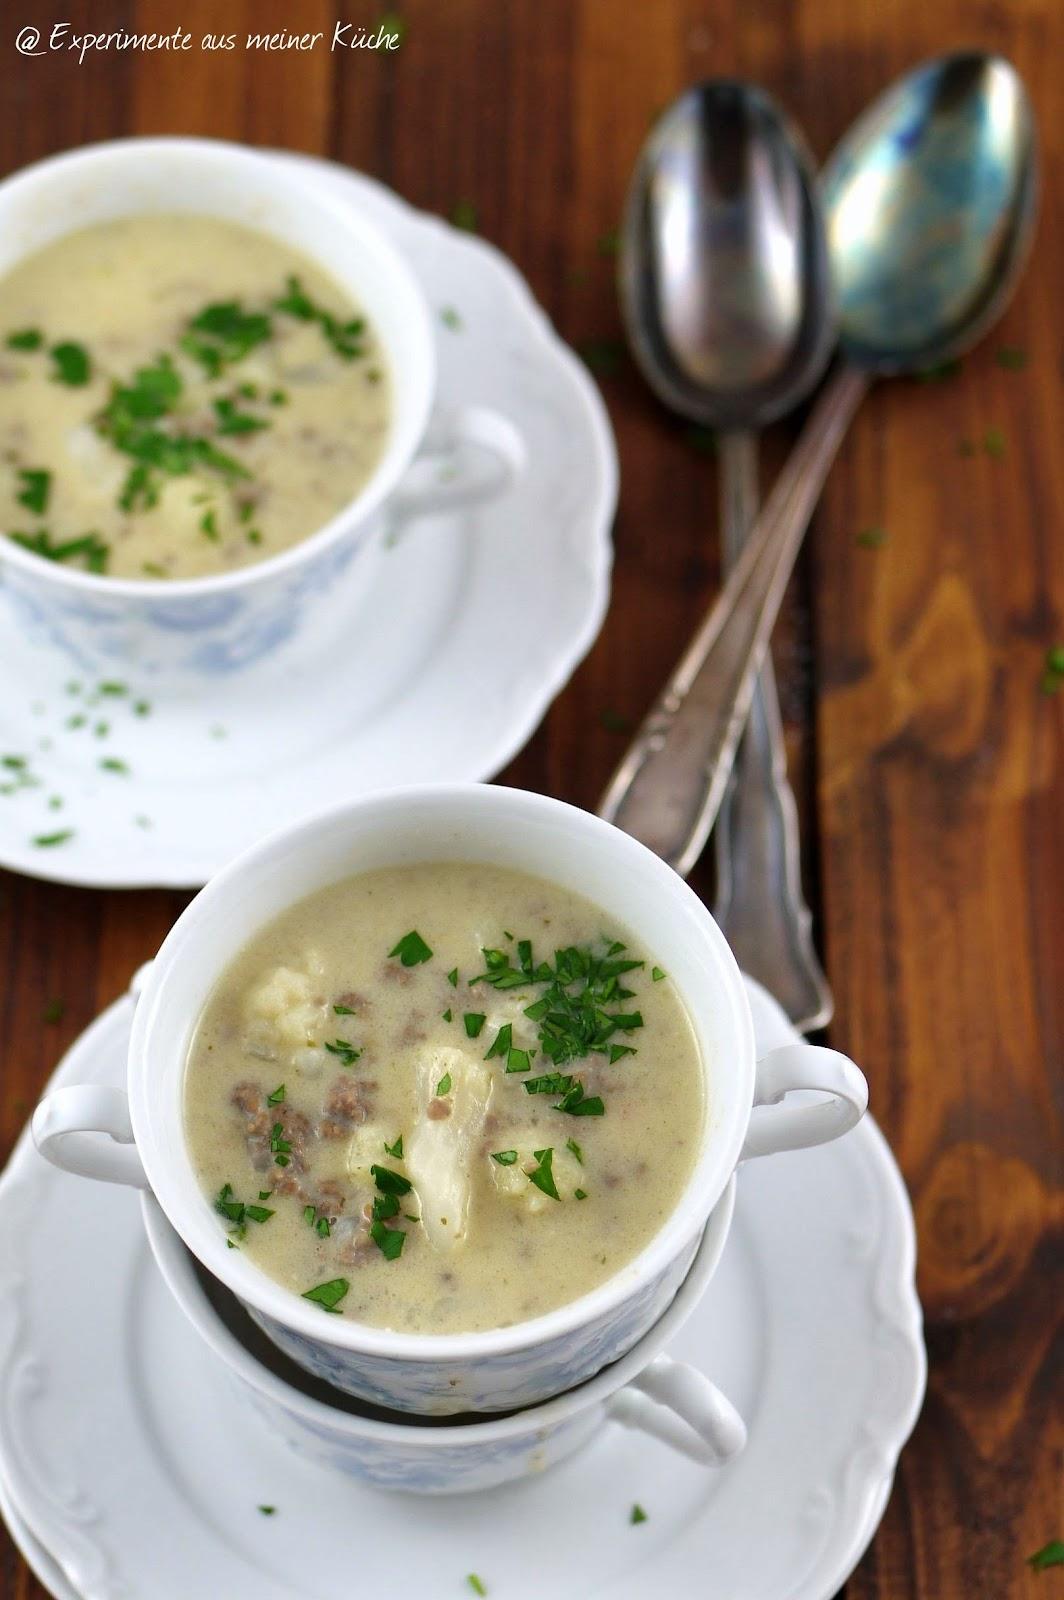 experimente aus meiner k che blumenkohl k se suppe mit hackfleisch. Black Bedroom Furniture Sets. Home Design Ideas